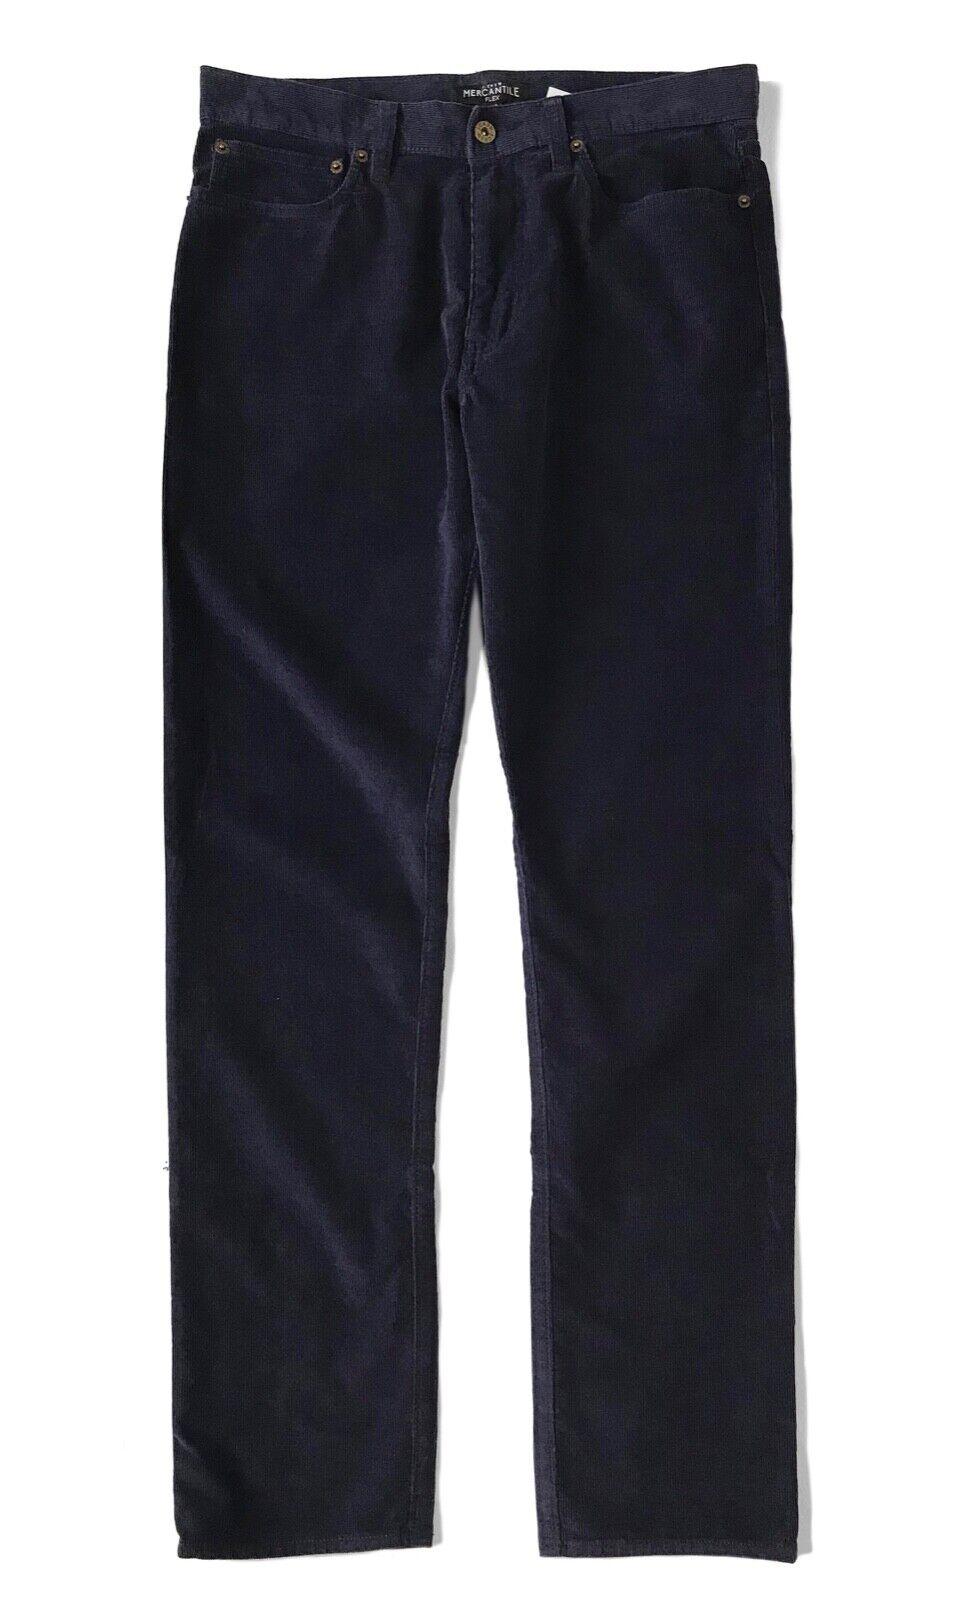 J.Crew  Mercantile Hombre 34 32 - Nuevo con Etiqueta  69 - Azul Straight-Fit  tienda de pescado para la venta